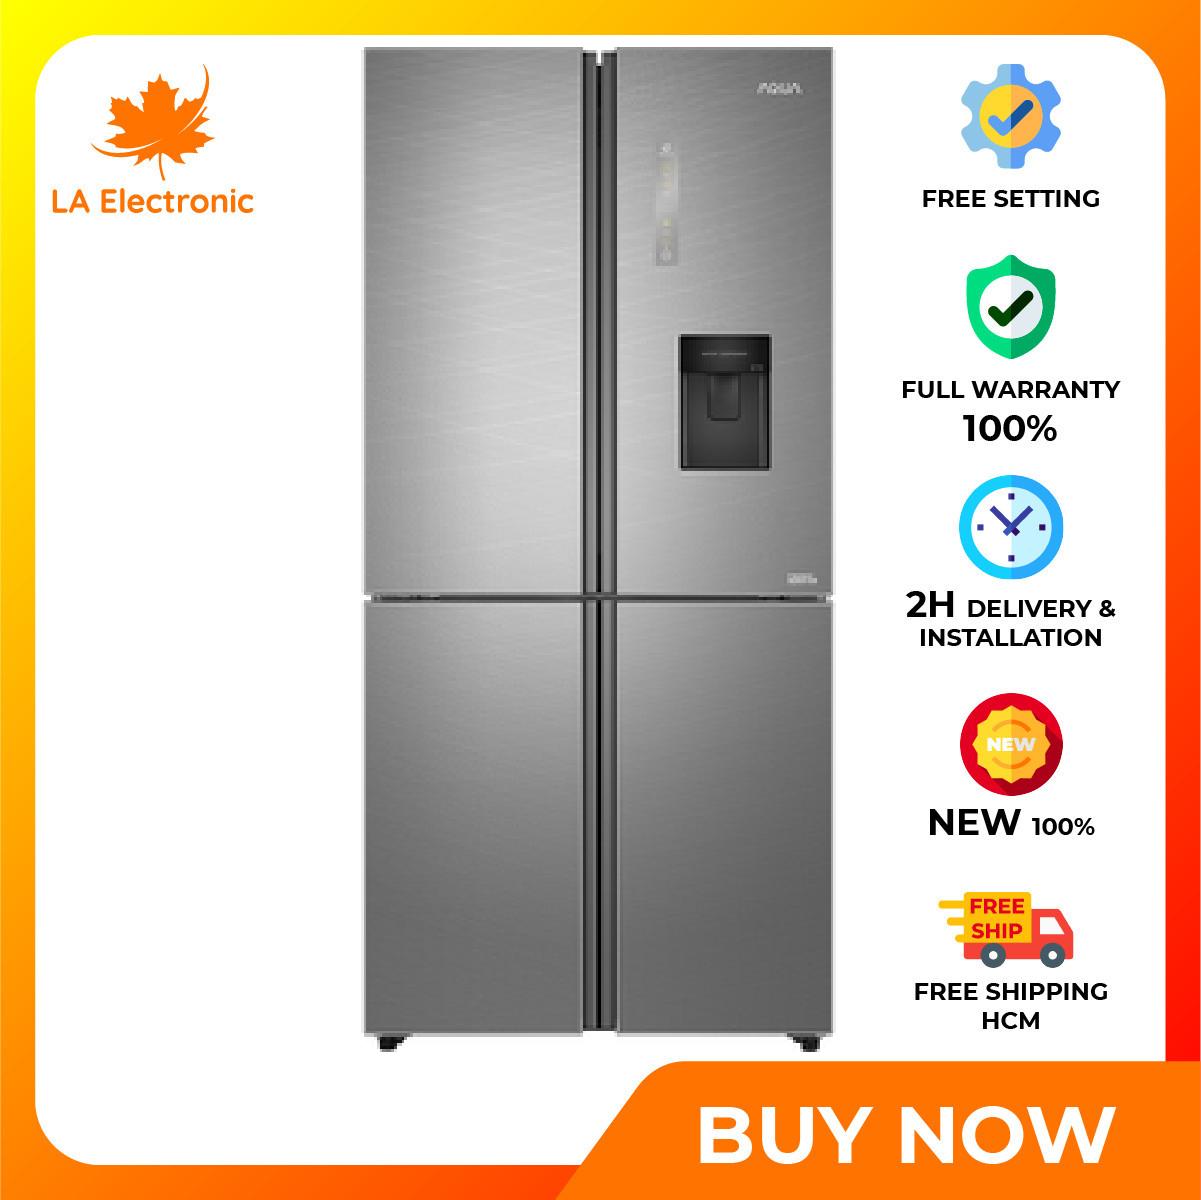 Trả Góp 0% – Máy lạnh – Aqua Inverter 456 liter refrigerator AQR-IGW525EM GD, thiết kế thông minh, công nghệ hiện đại, hoạt động mạnh mẽ và bền bỉ, có chế độ bảo hành và xuất xứ rõ ràng – Miễn phí vận chuyển HCM